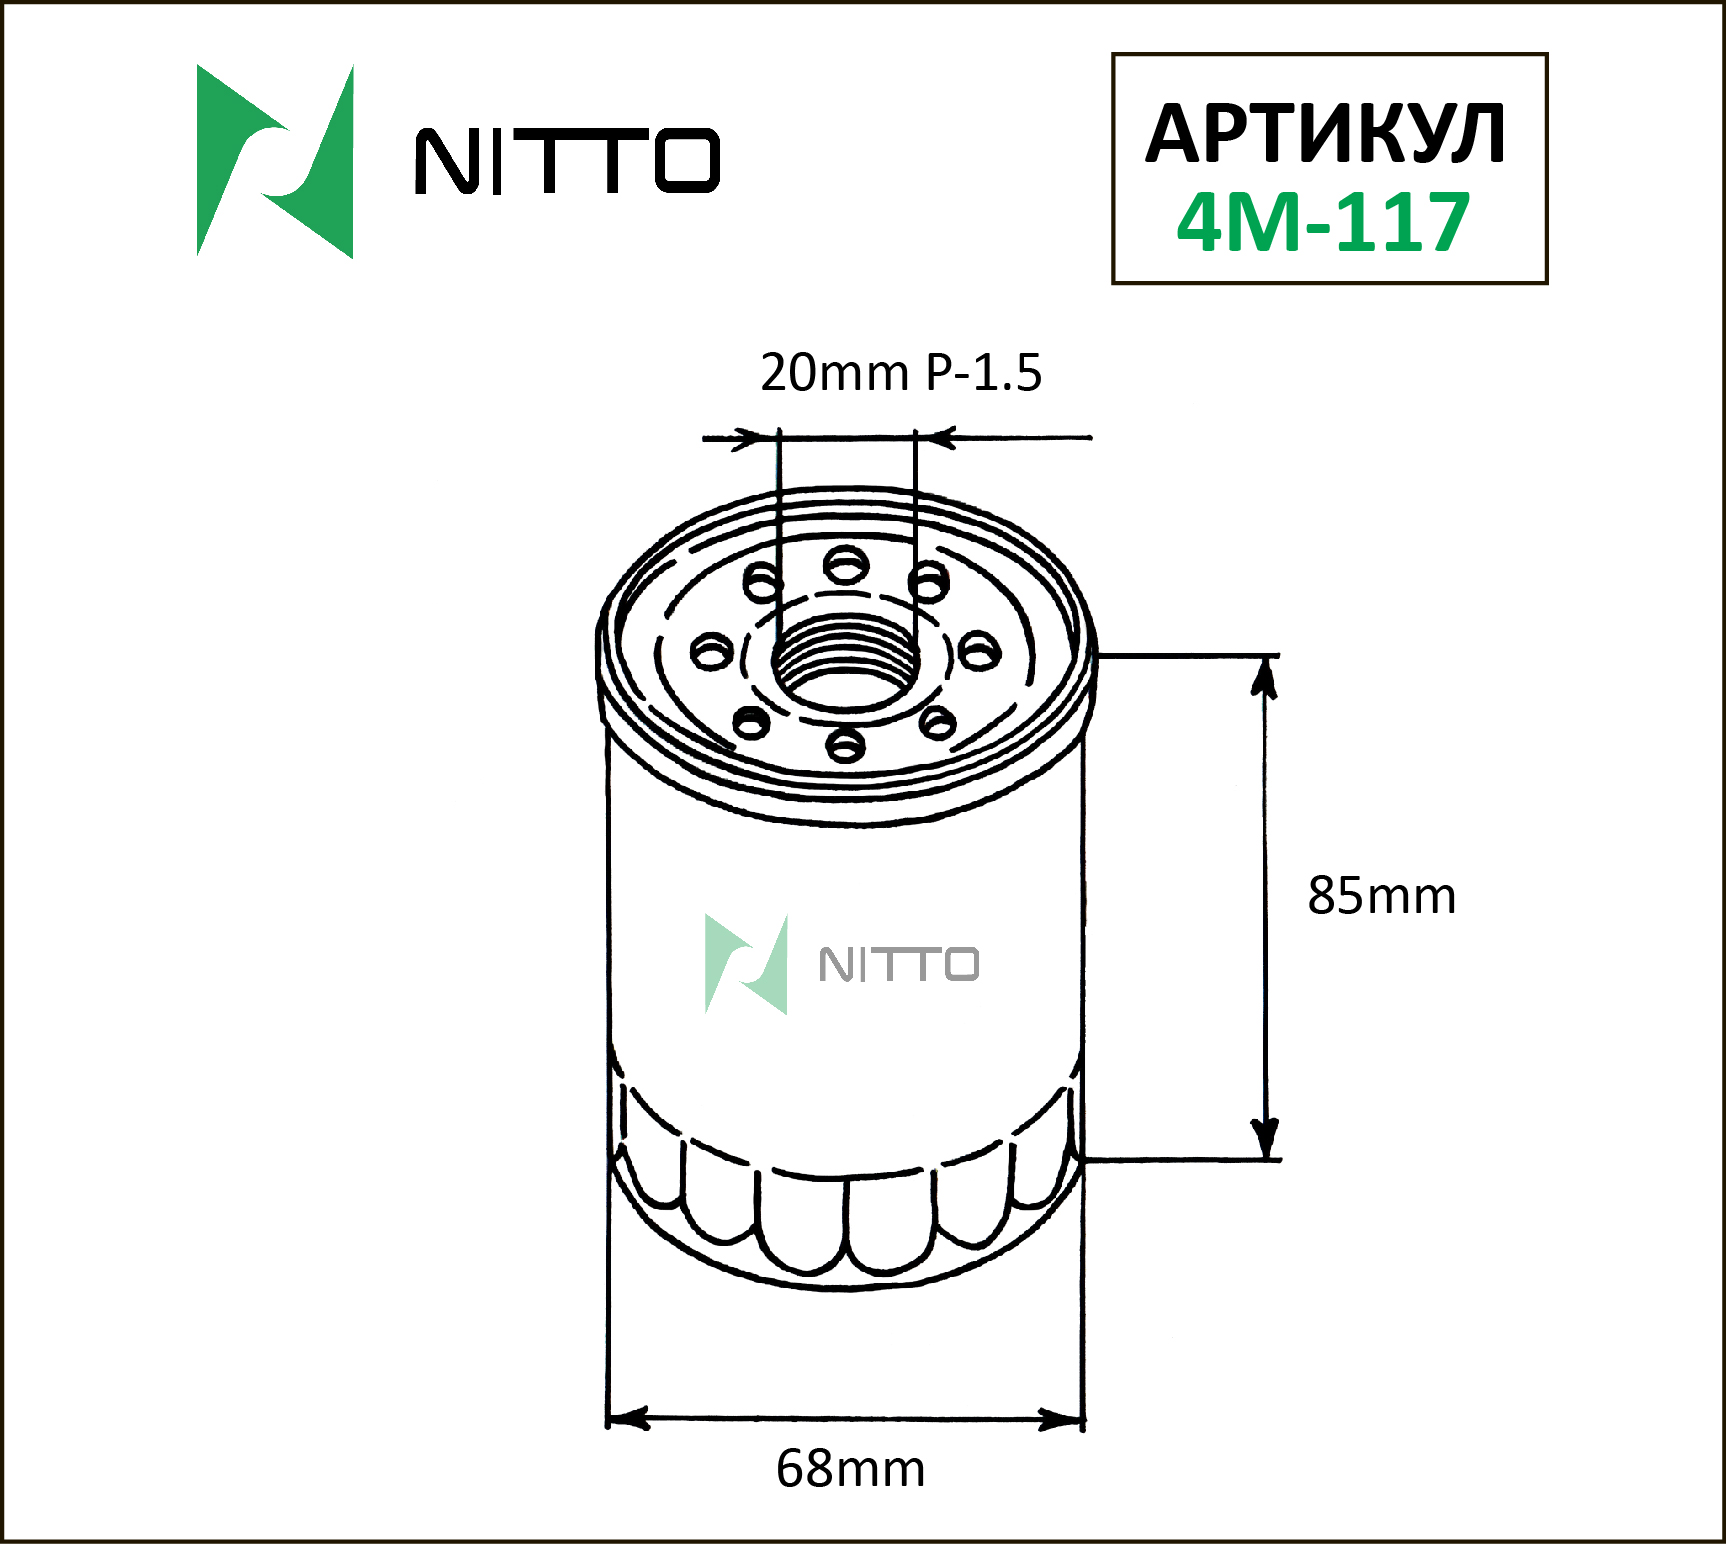 NITTO 4M117 | Фильтр масляный Nitto | Купить в интернет-магазине Макс-Плюс: Автозапчасти в наличии и под заказ